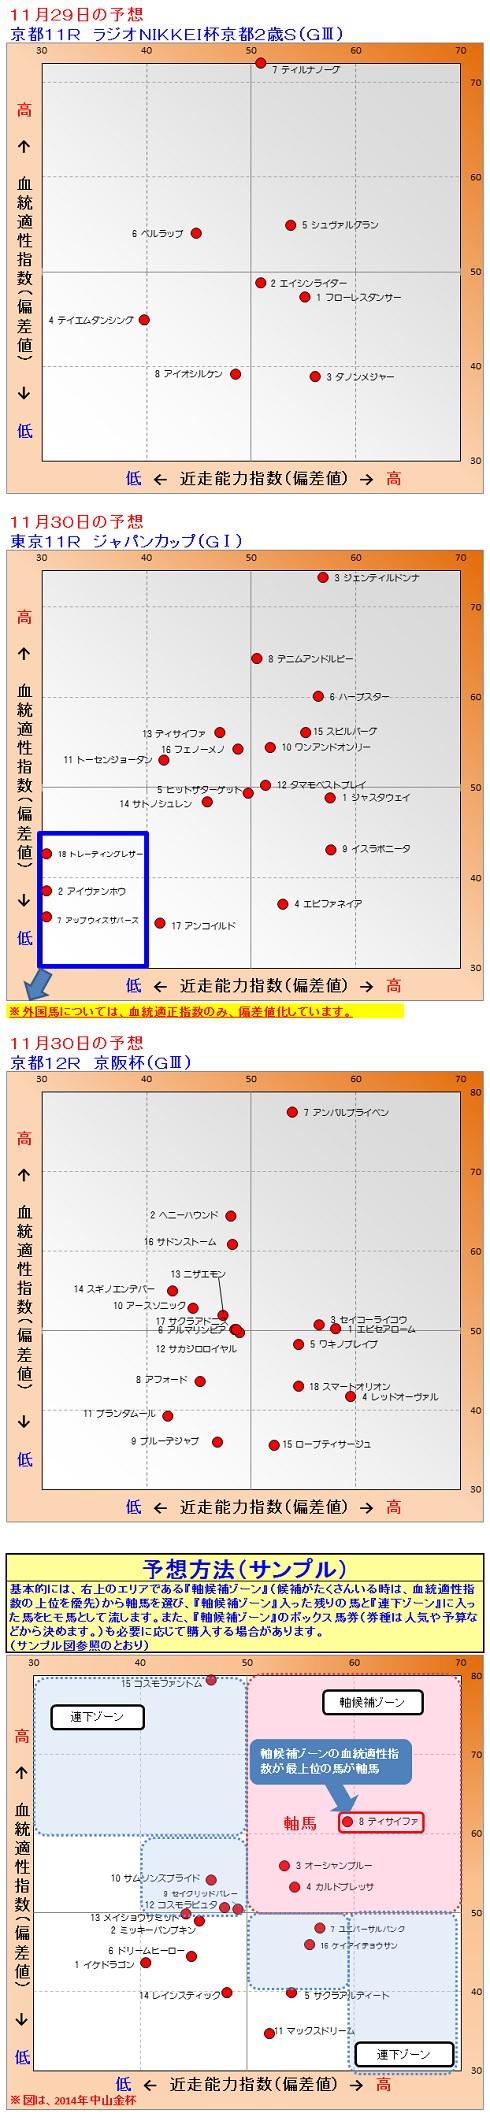 2014-11-2930予想2